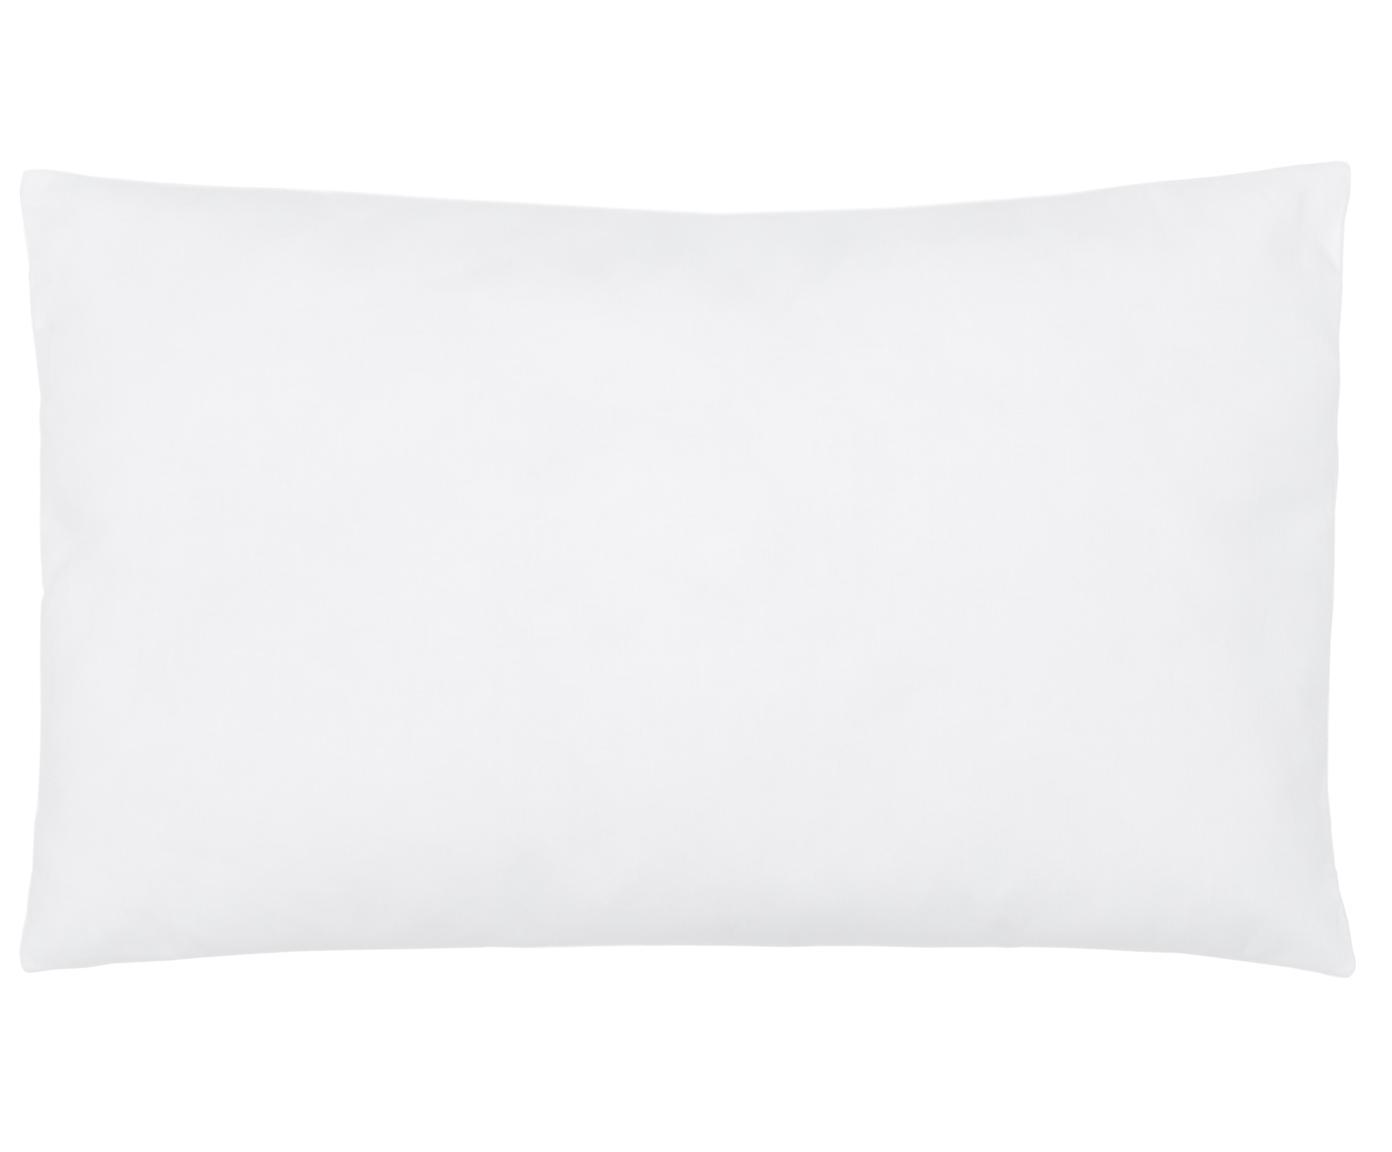 Kissen-Inlett Sia, 30x50, Microfaser-Füllung, Hülle: 100% Baumwolle, Weiß, 30 x 50 cm